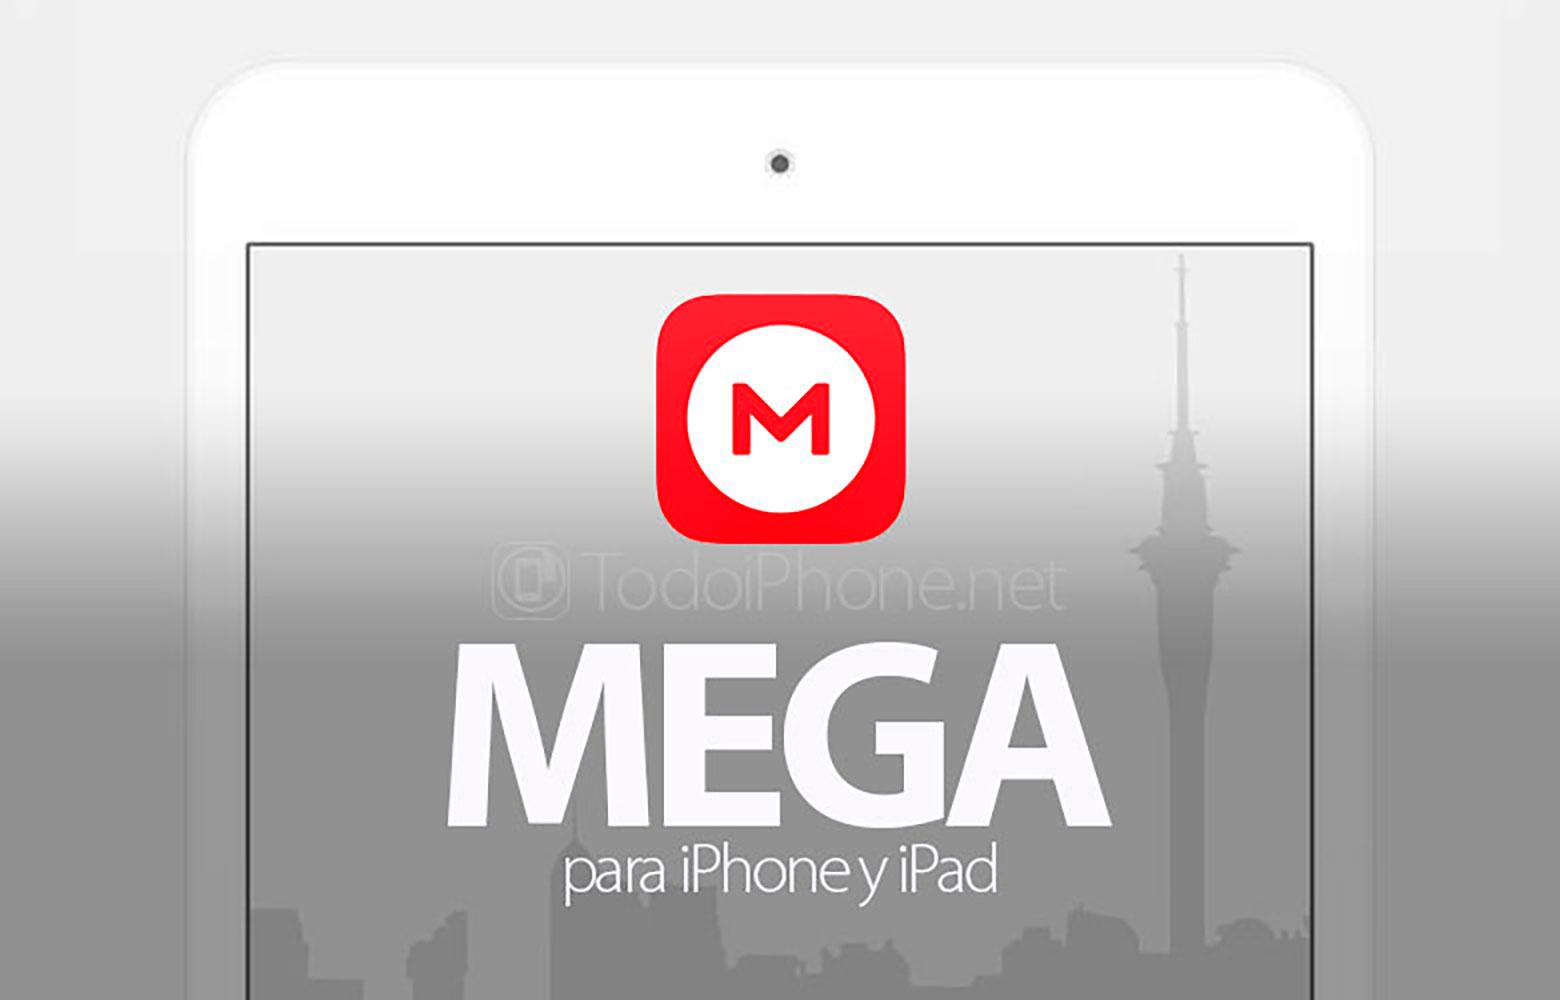 تصل MEGA بميزات جديدة لأجهزة iPhone و iPad 1